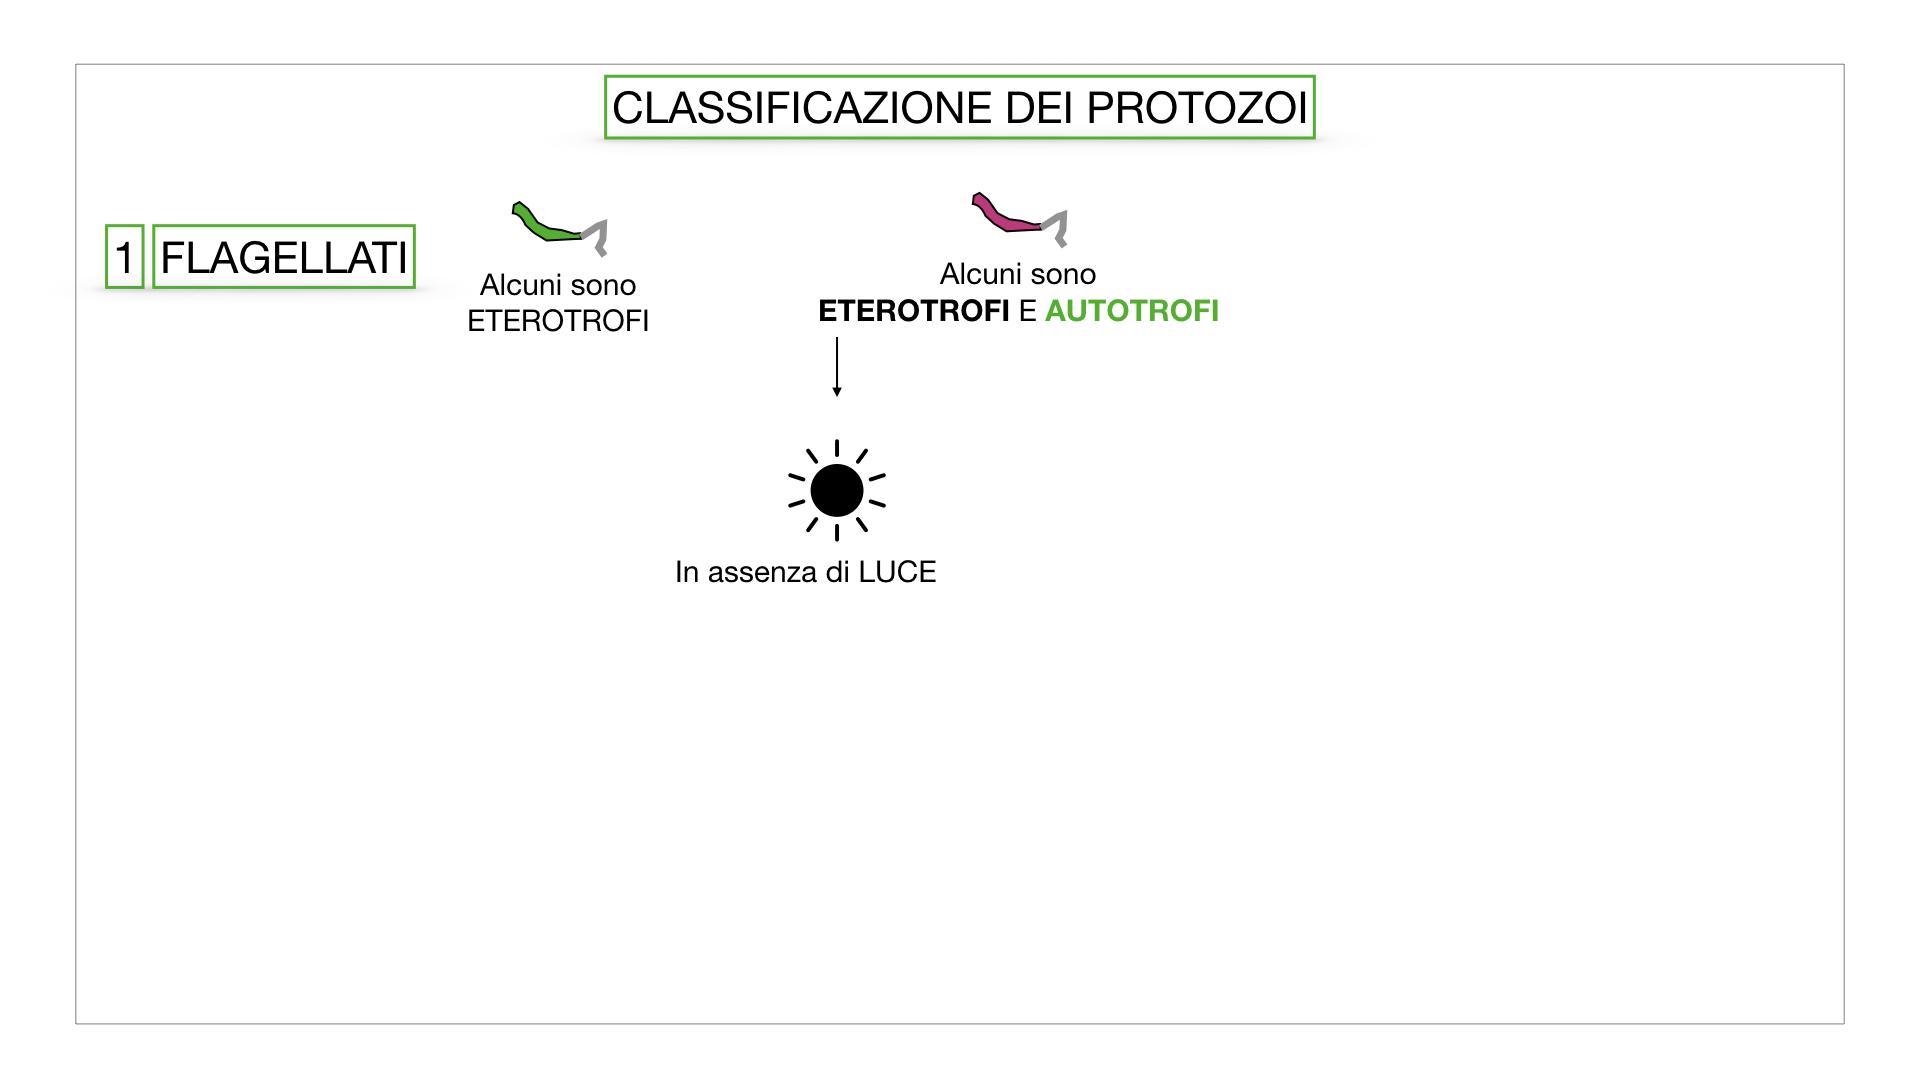 6. PROTOZOI_classificazione_SIMULAZIONE.014